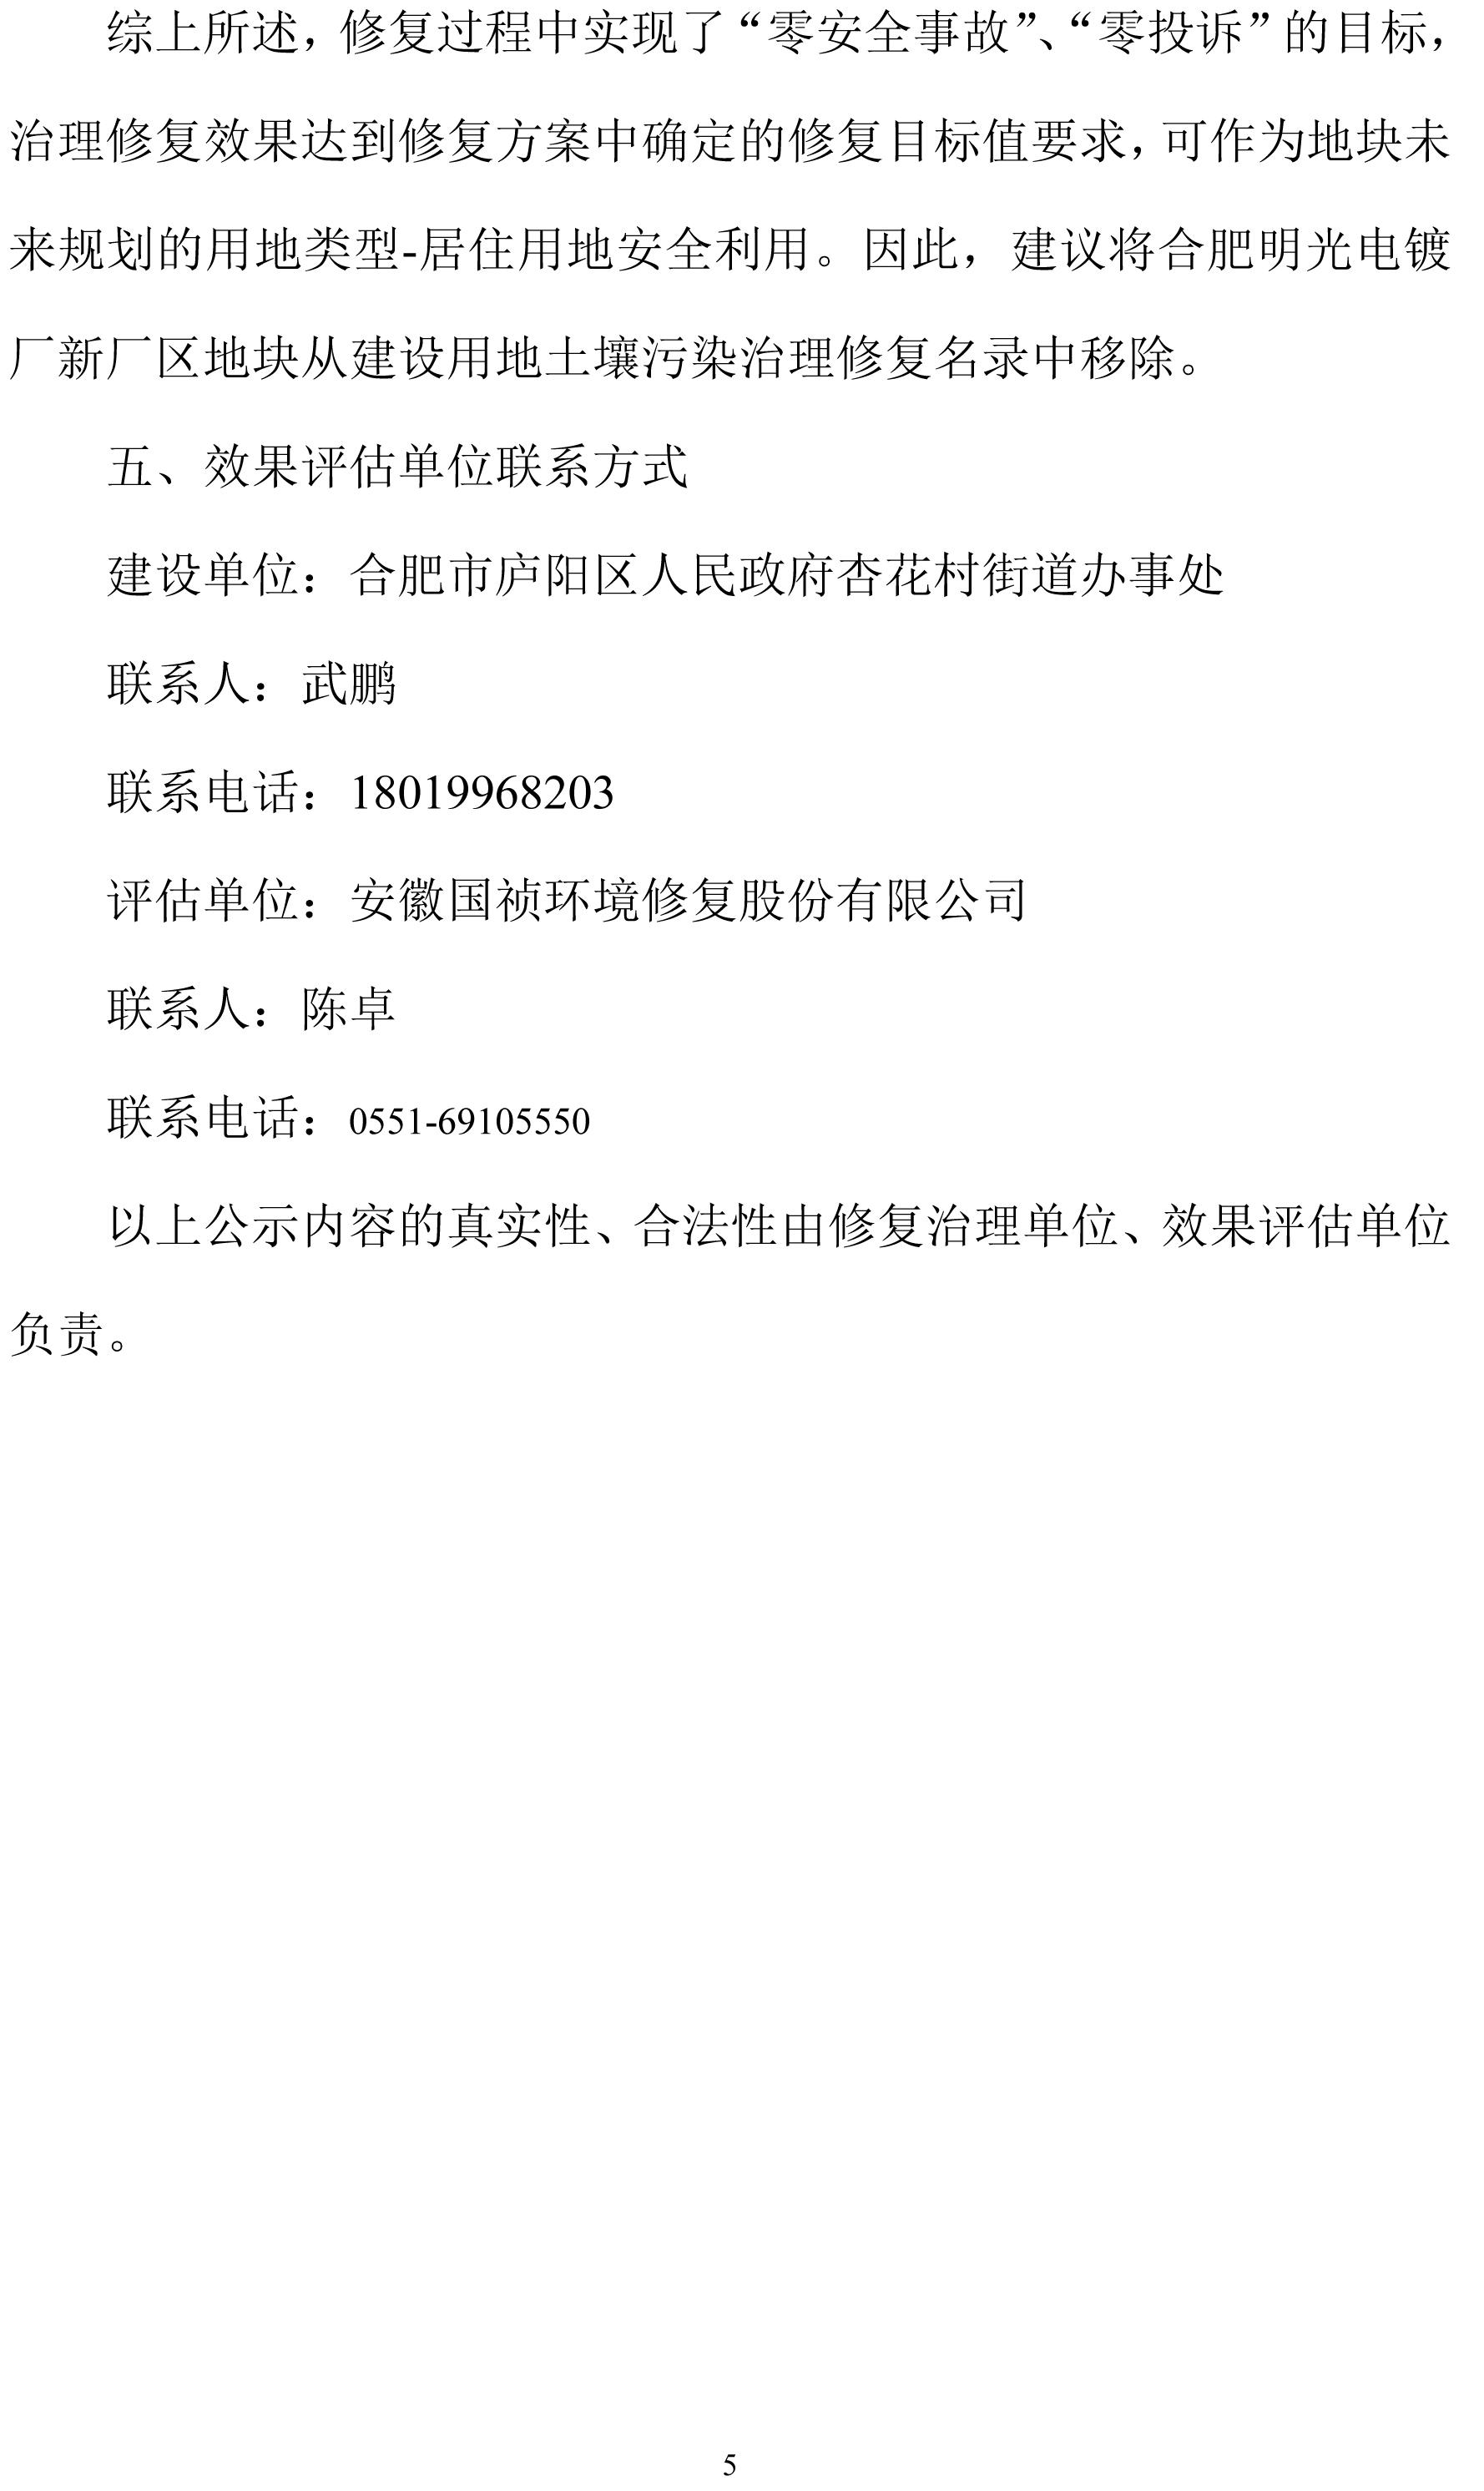 关于《合肥明光电镀厂新厂区地块新宝5下载app手机下载安装效果评估报告》的信息公开-5.jpg